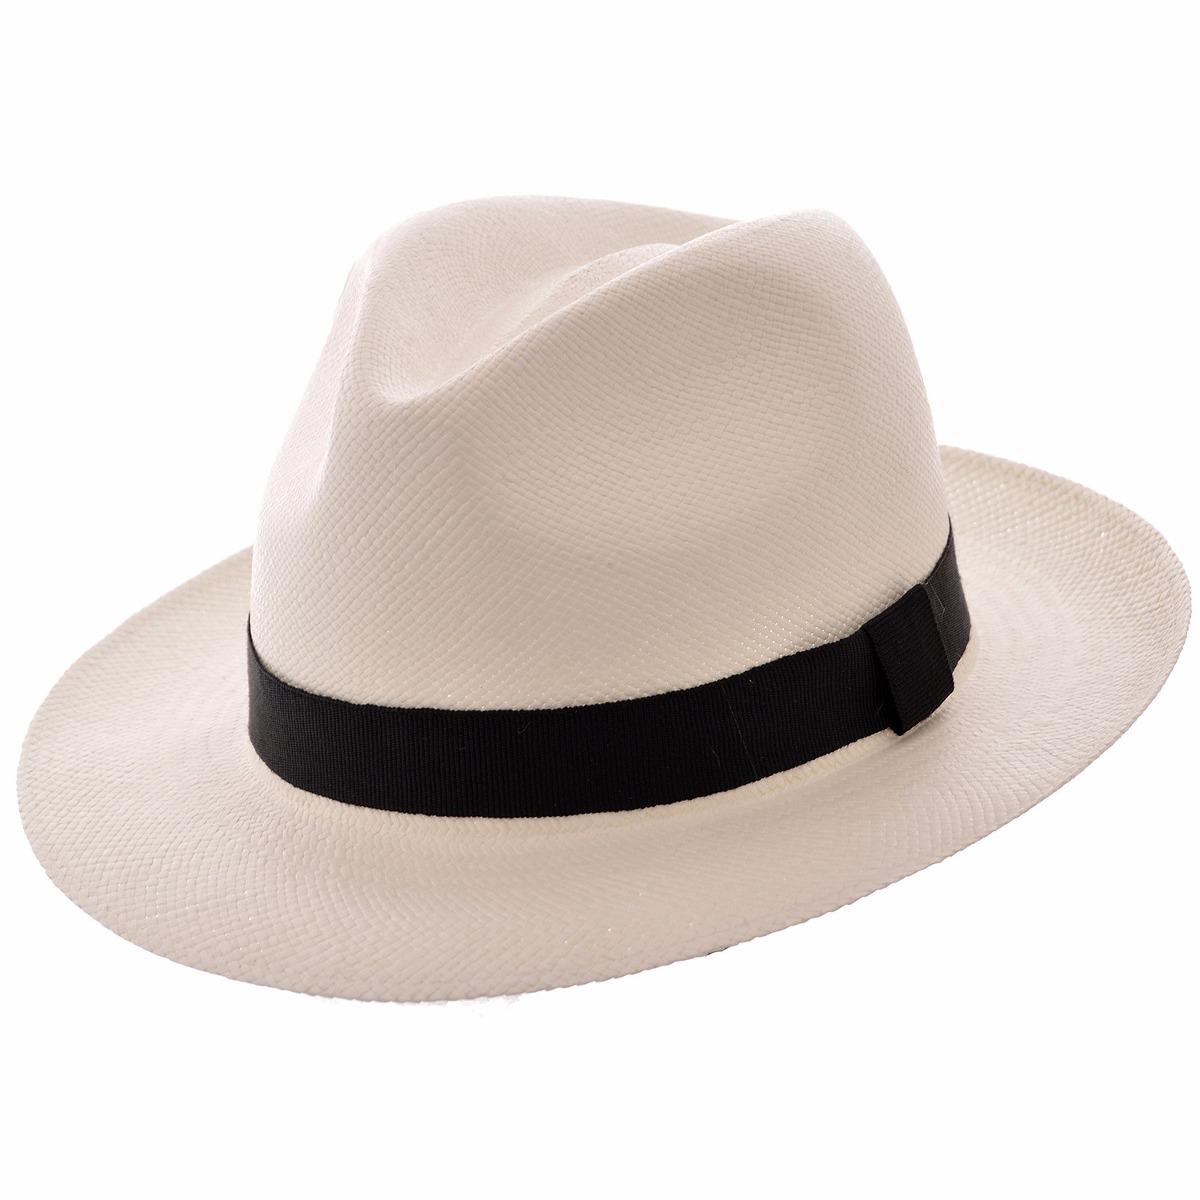 sombrero panama original compañia de sombreros m74450101 3 100